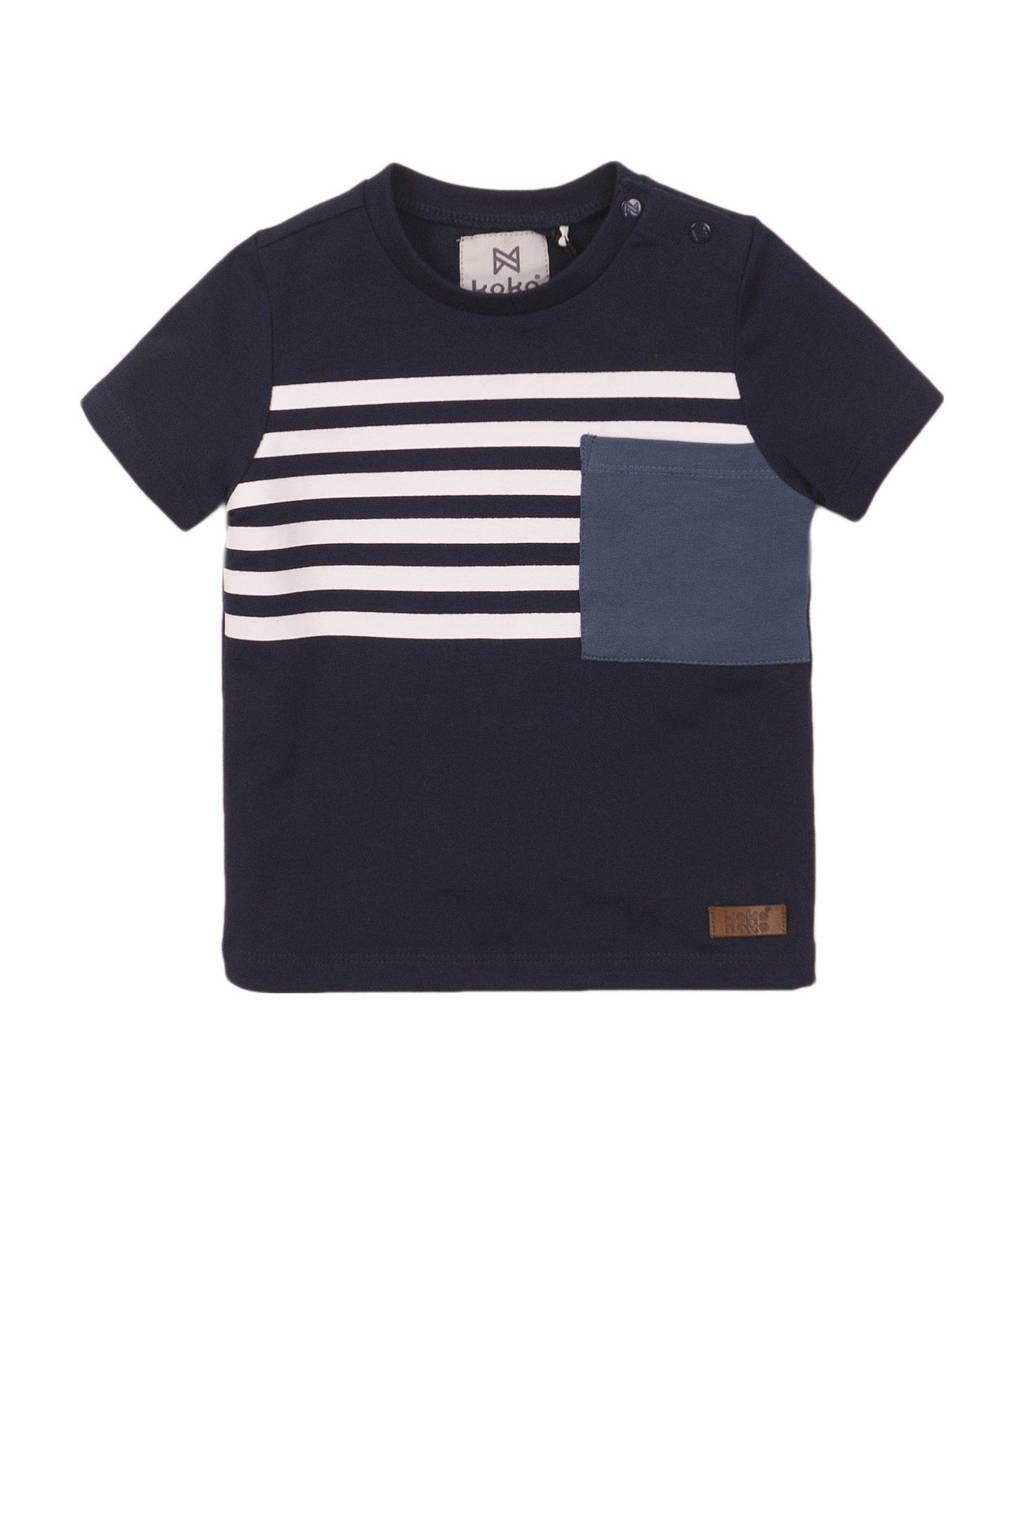 Koko Noko T-shirt donkerblauw/wit/blauw, Donkerblauw/wit/blauw